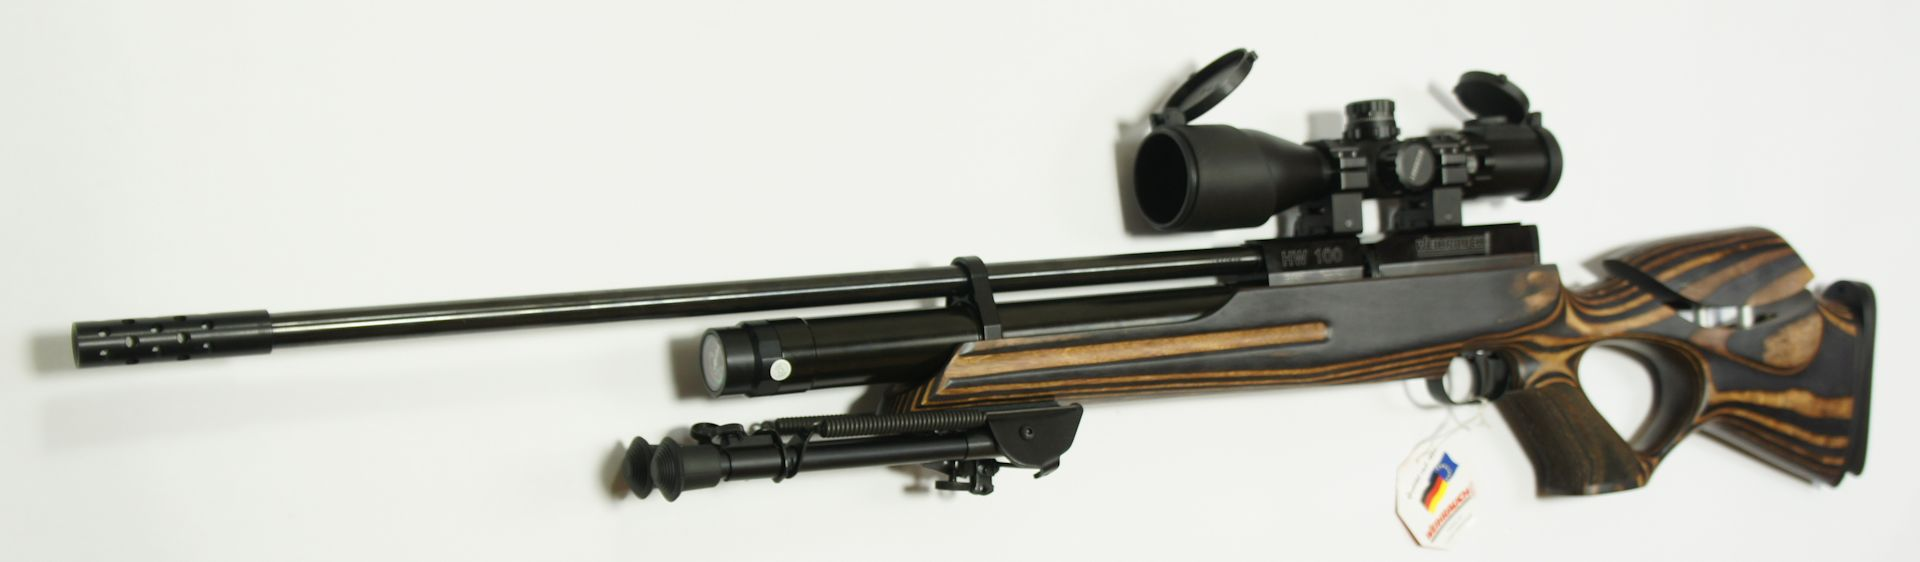 Das Harris- Zweibein ist von sehr guter Qualität und kann mit wenigen Handgriffen abgenommen oder angesetzt werden.